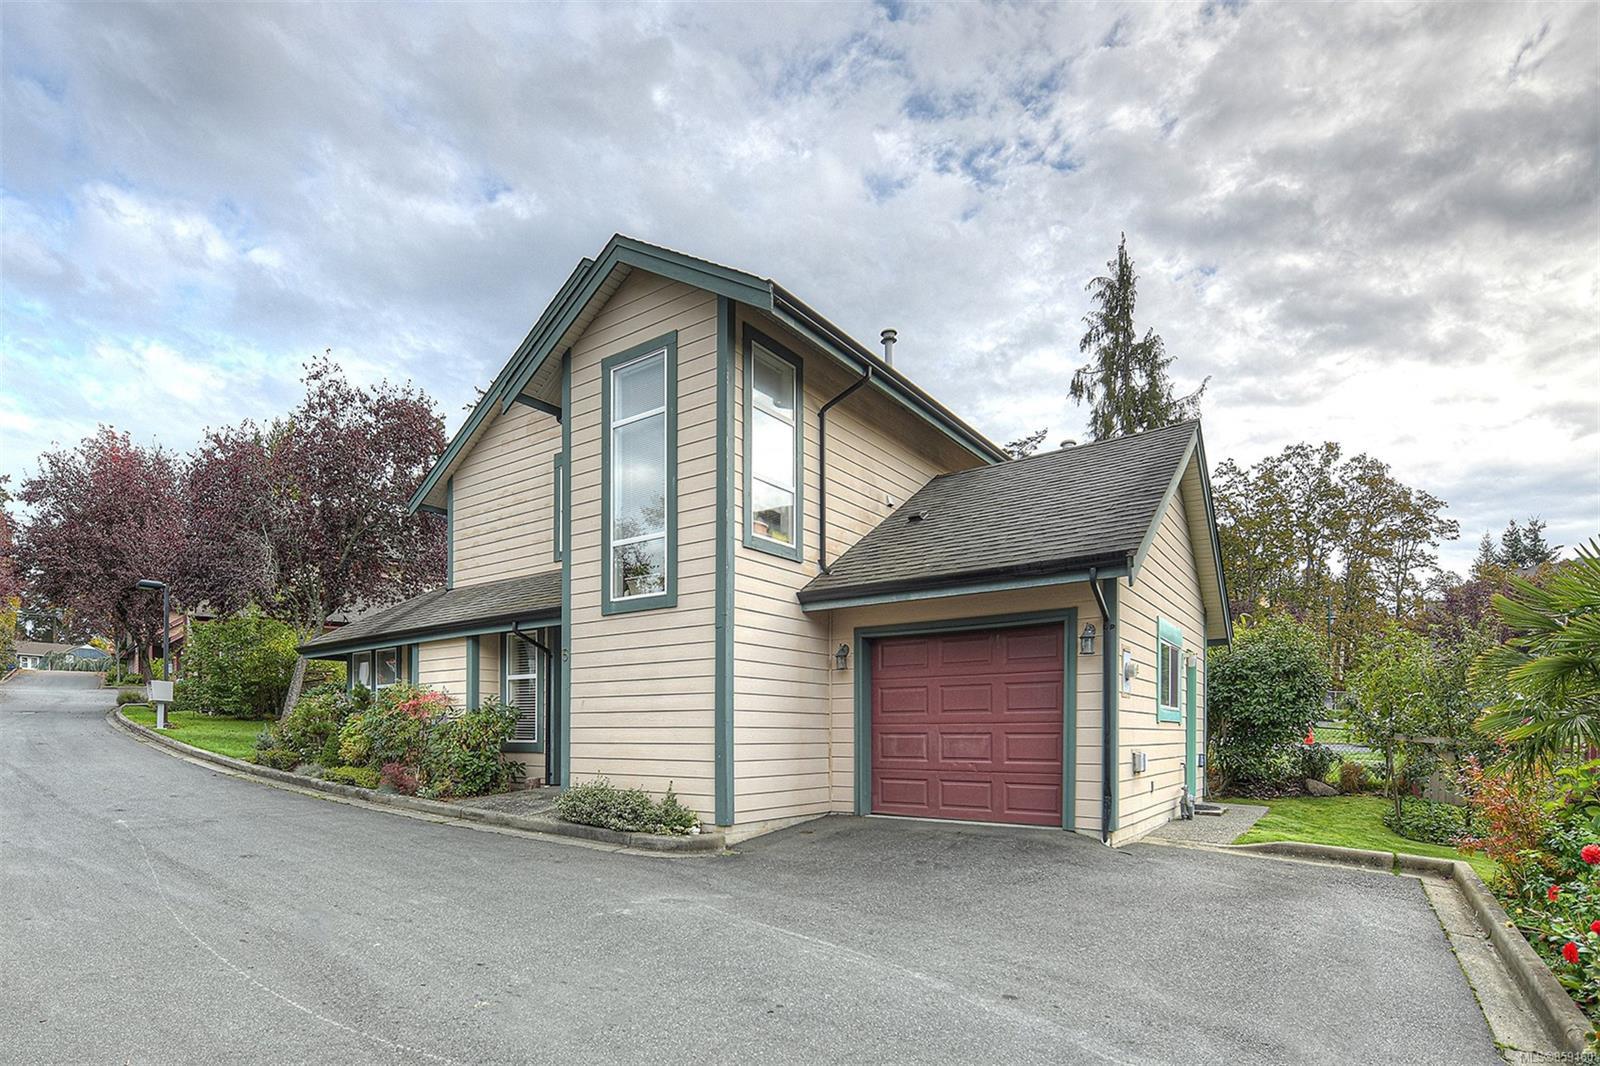 Main Photo: 5 4570 West Saanich Rd in : SW Royal Oak House for sale (Saanich West)  : MLS®# 859160